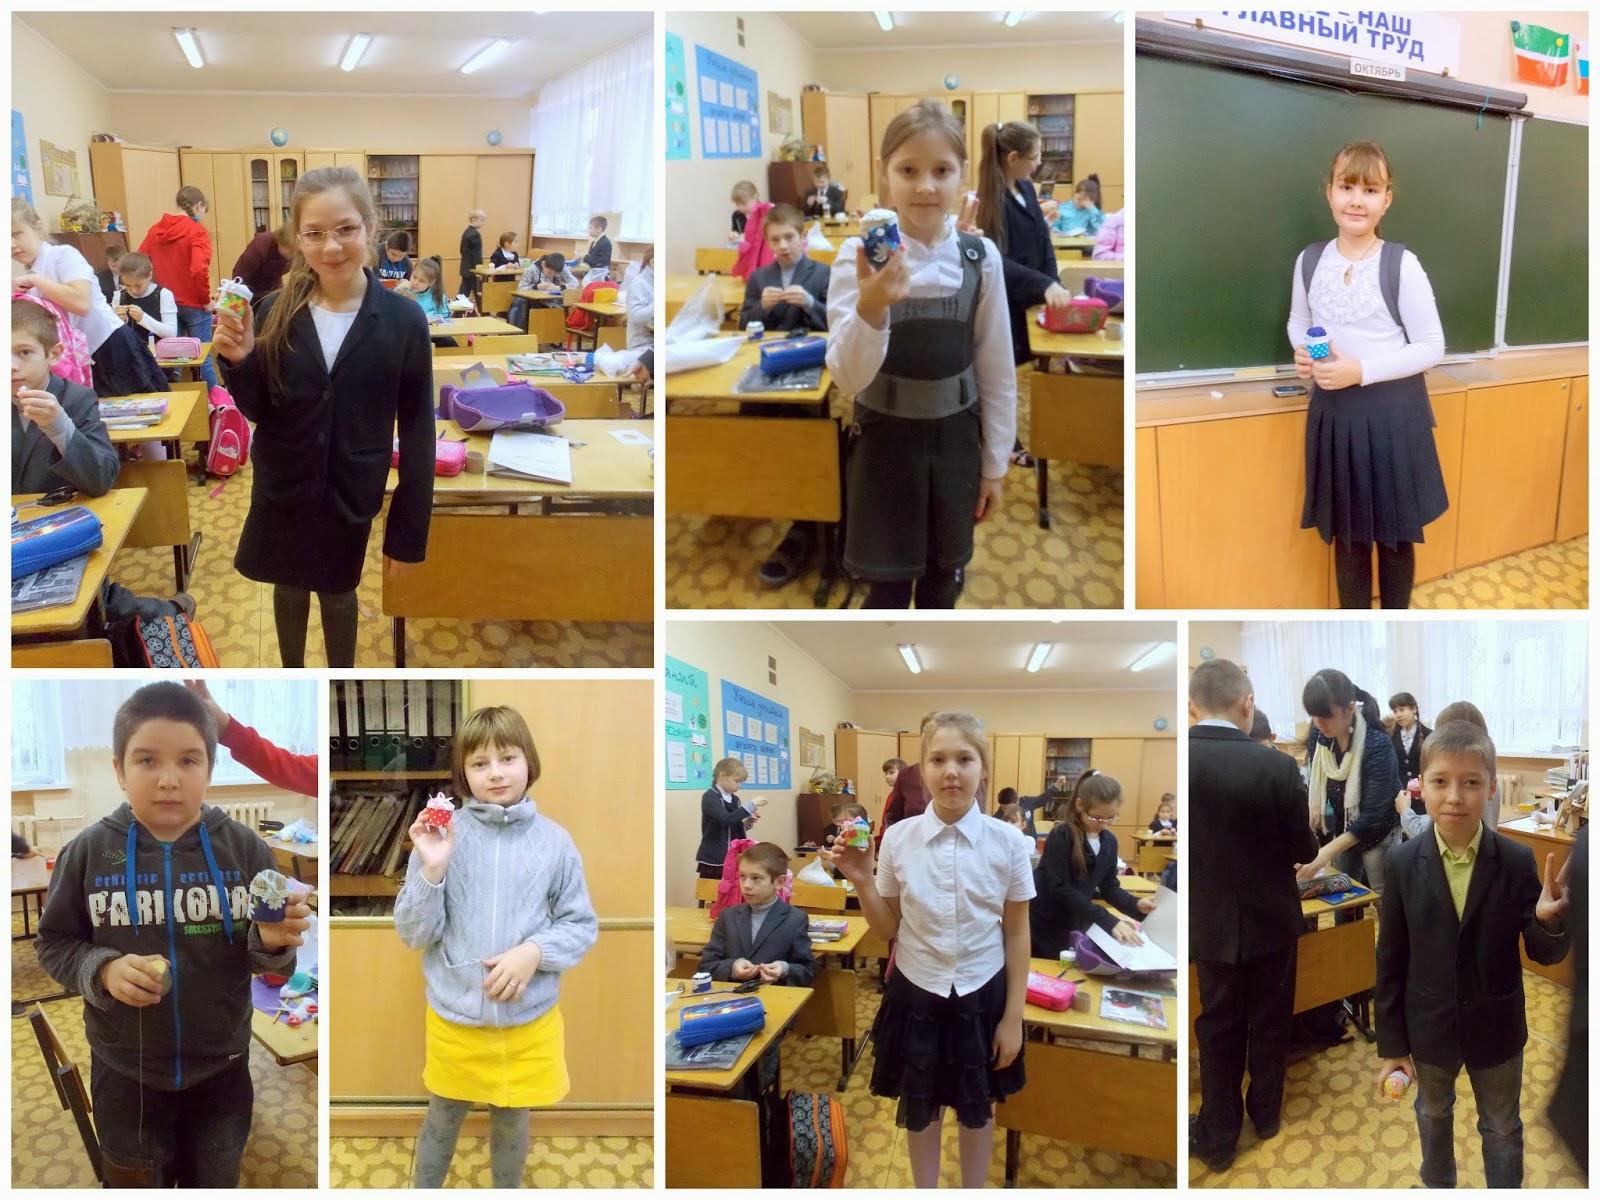 Ролевая игра с учительницей 4 фотография